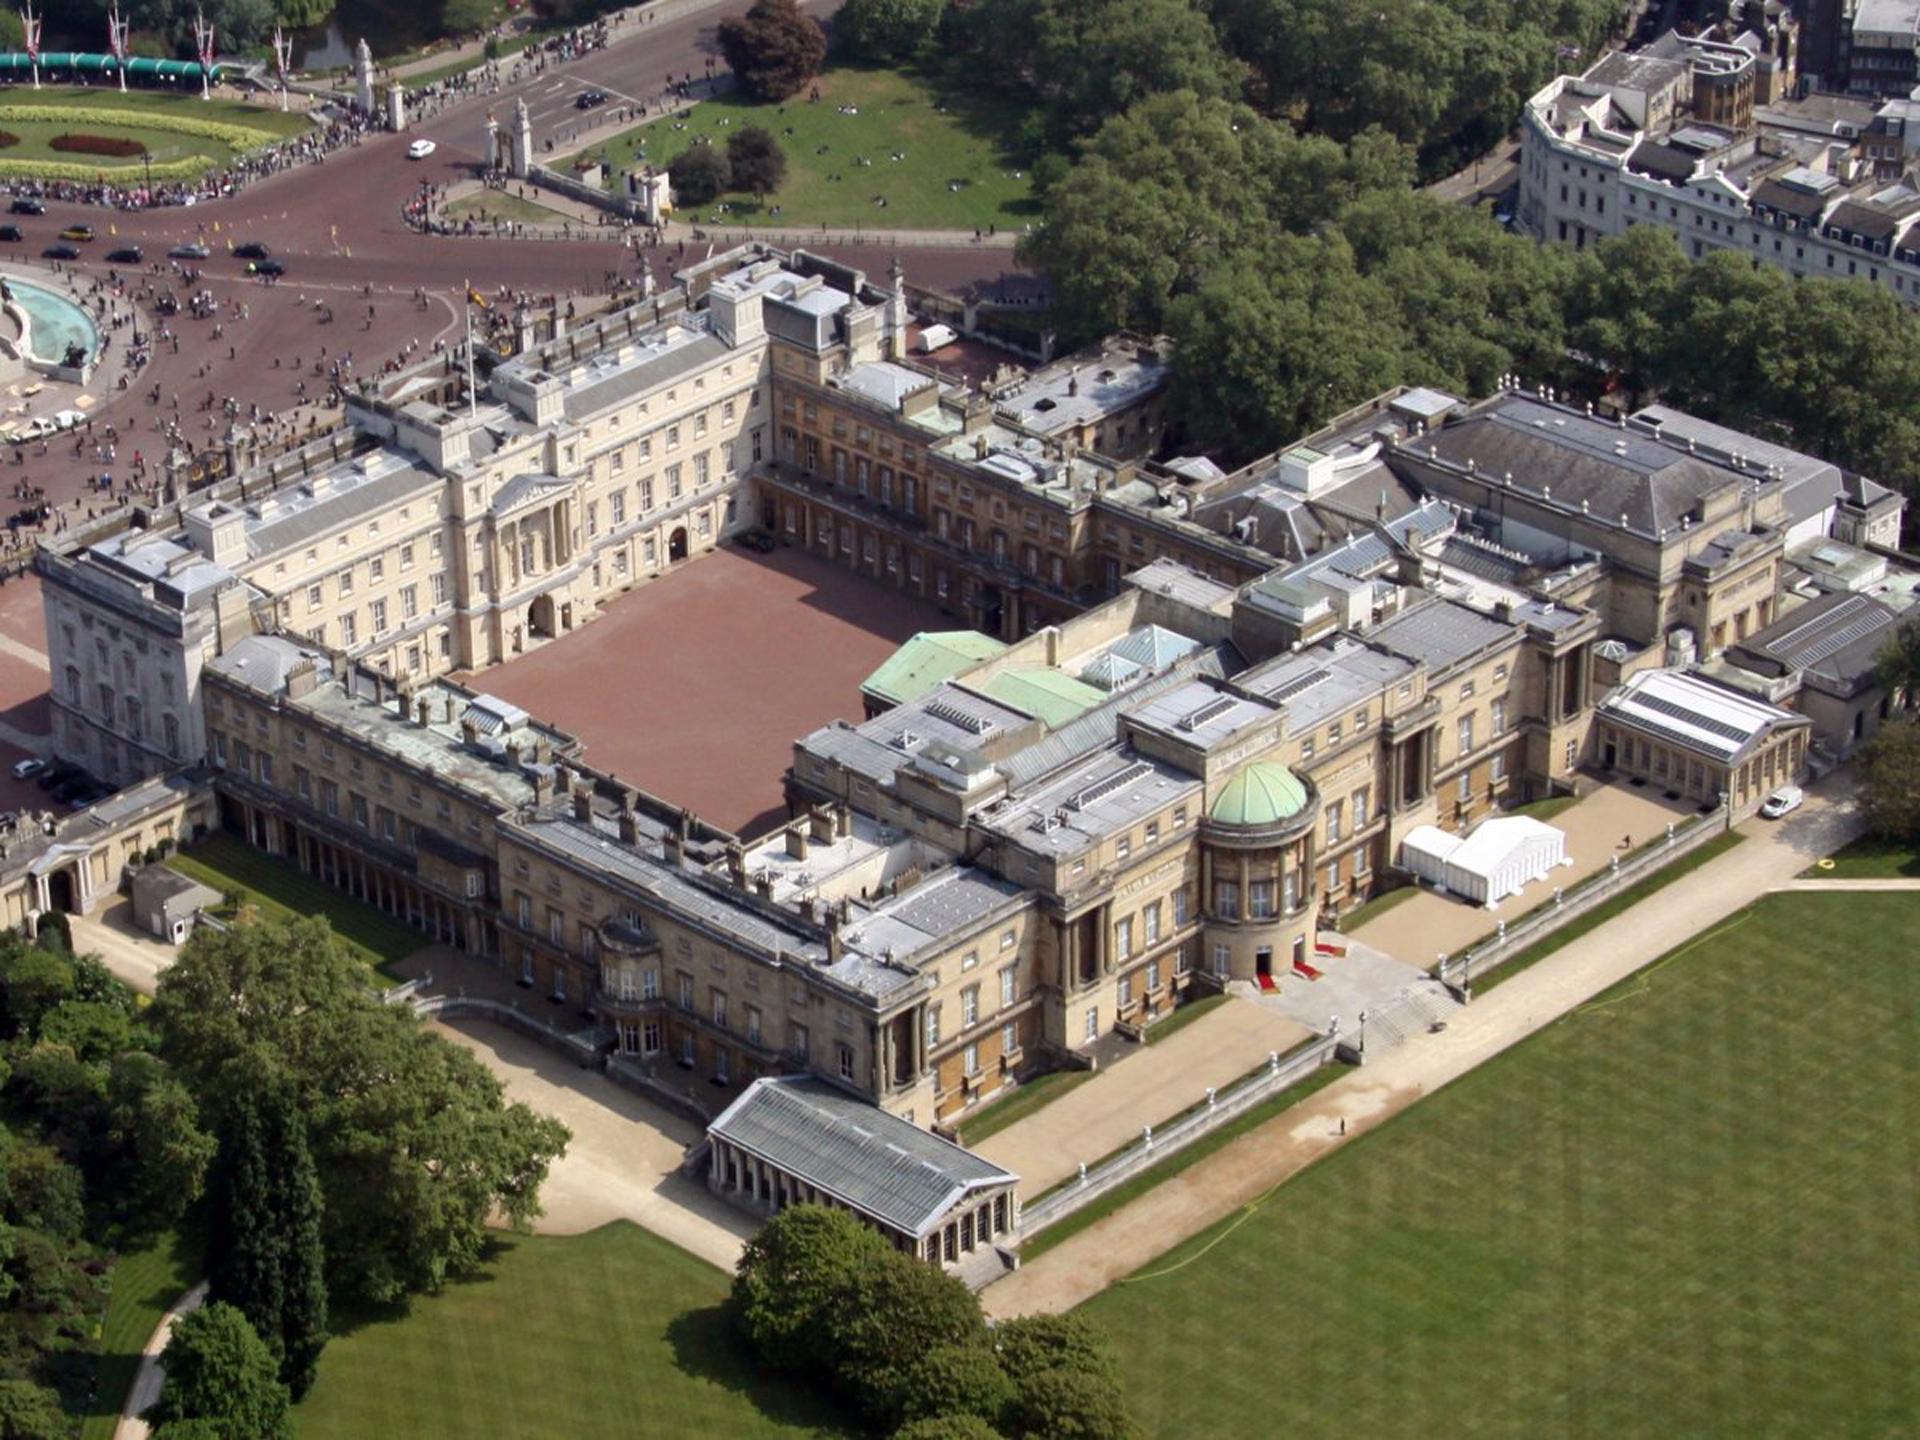 El palacio de Buckingham es la residencia oficial del monarca británico en Londres. La reina Isabel II reside aquí actualmente y ha sido el hogar de la monarquía británica desde 1837. También es utilizado para ceremonias oficiales, visitas de Estado y paseos turísticos (Shutterstock)